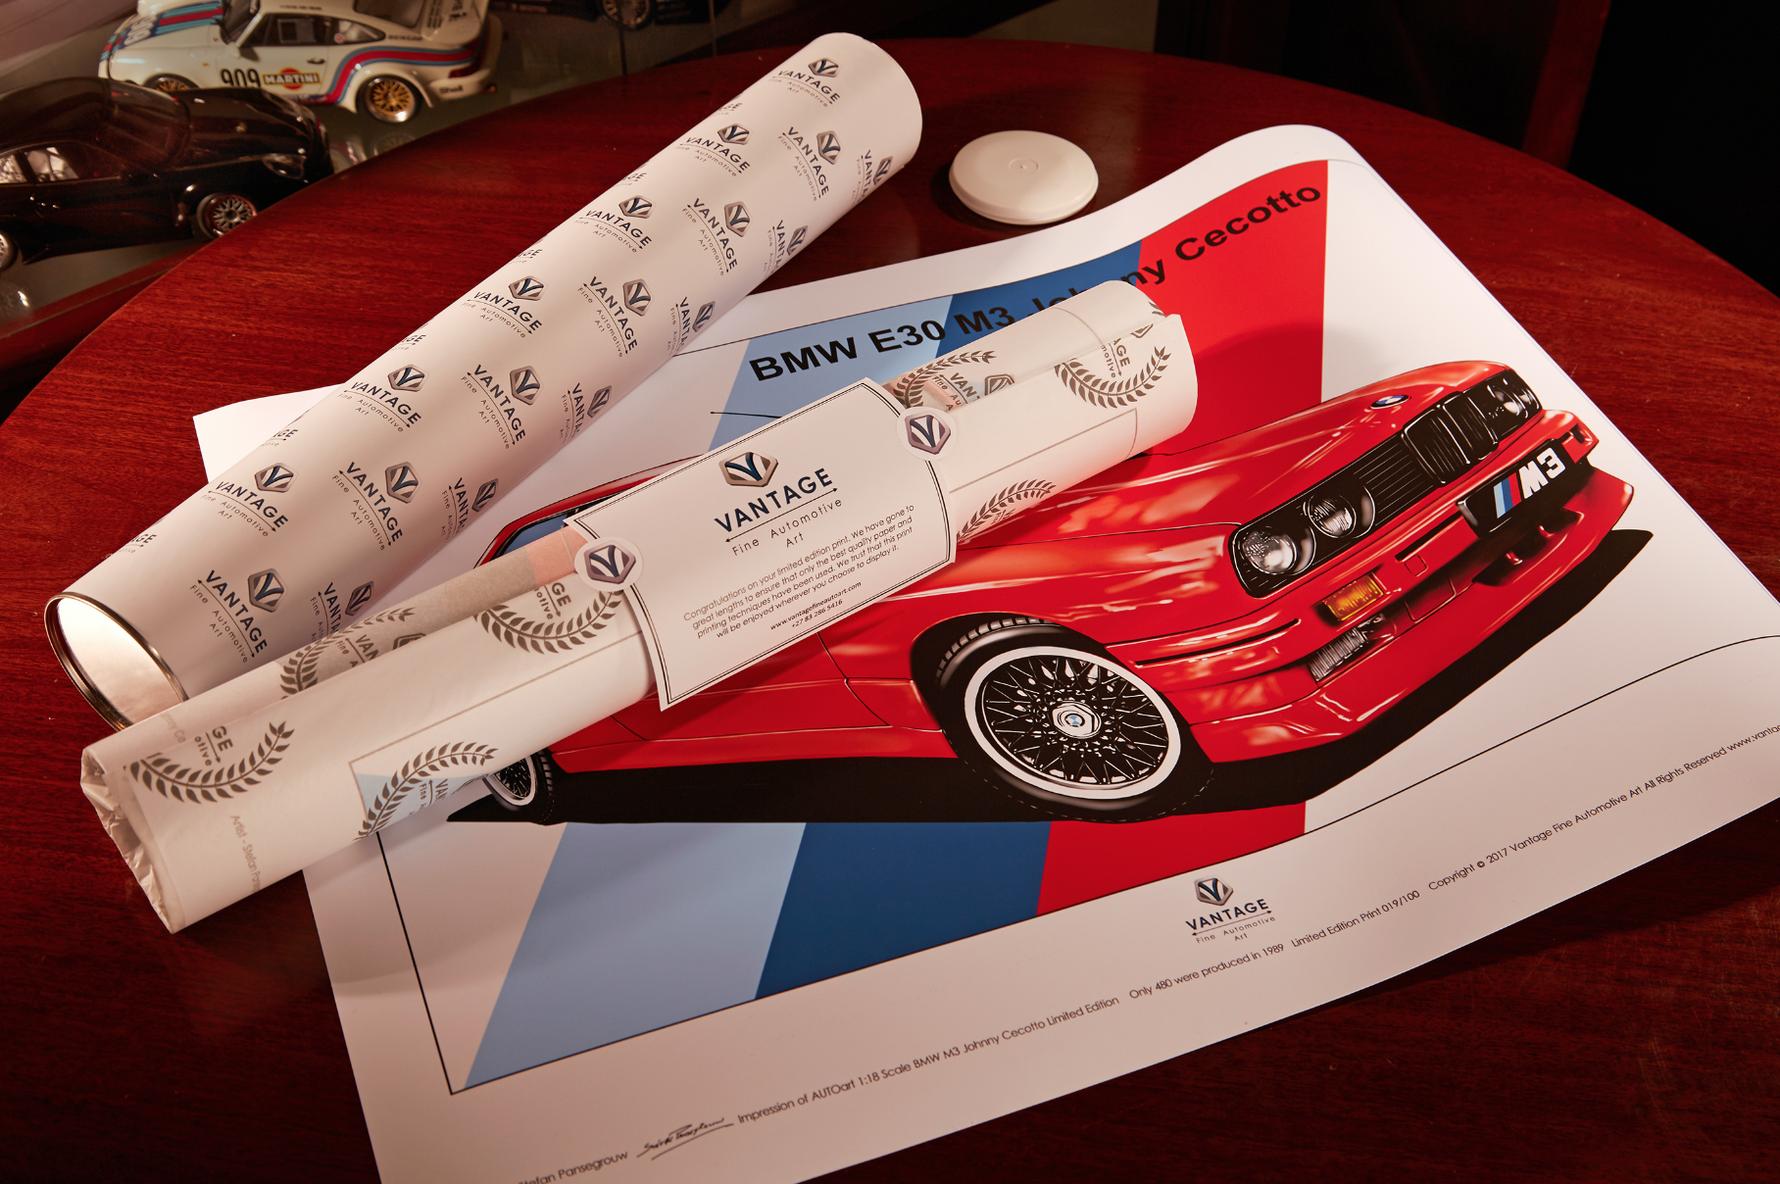 Vantage Fine Automotive Art posters